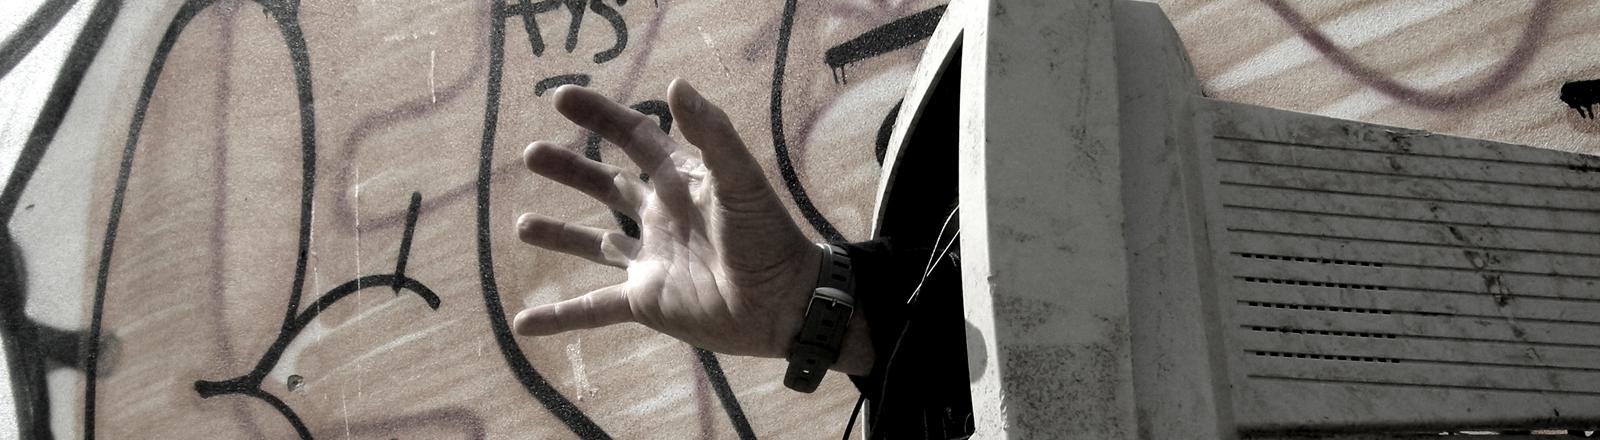 Eine Hand greift gierig aus einem defekten Computergehäuse.